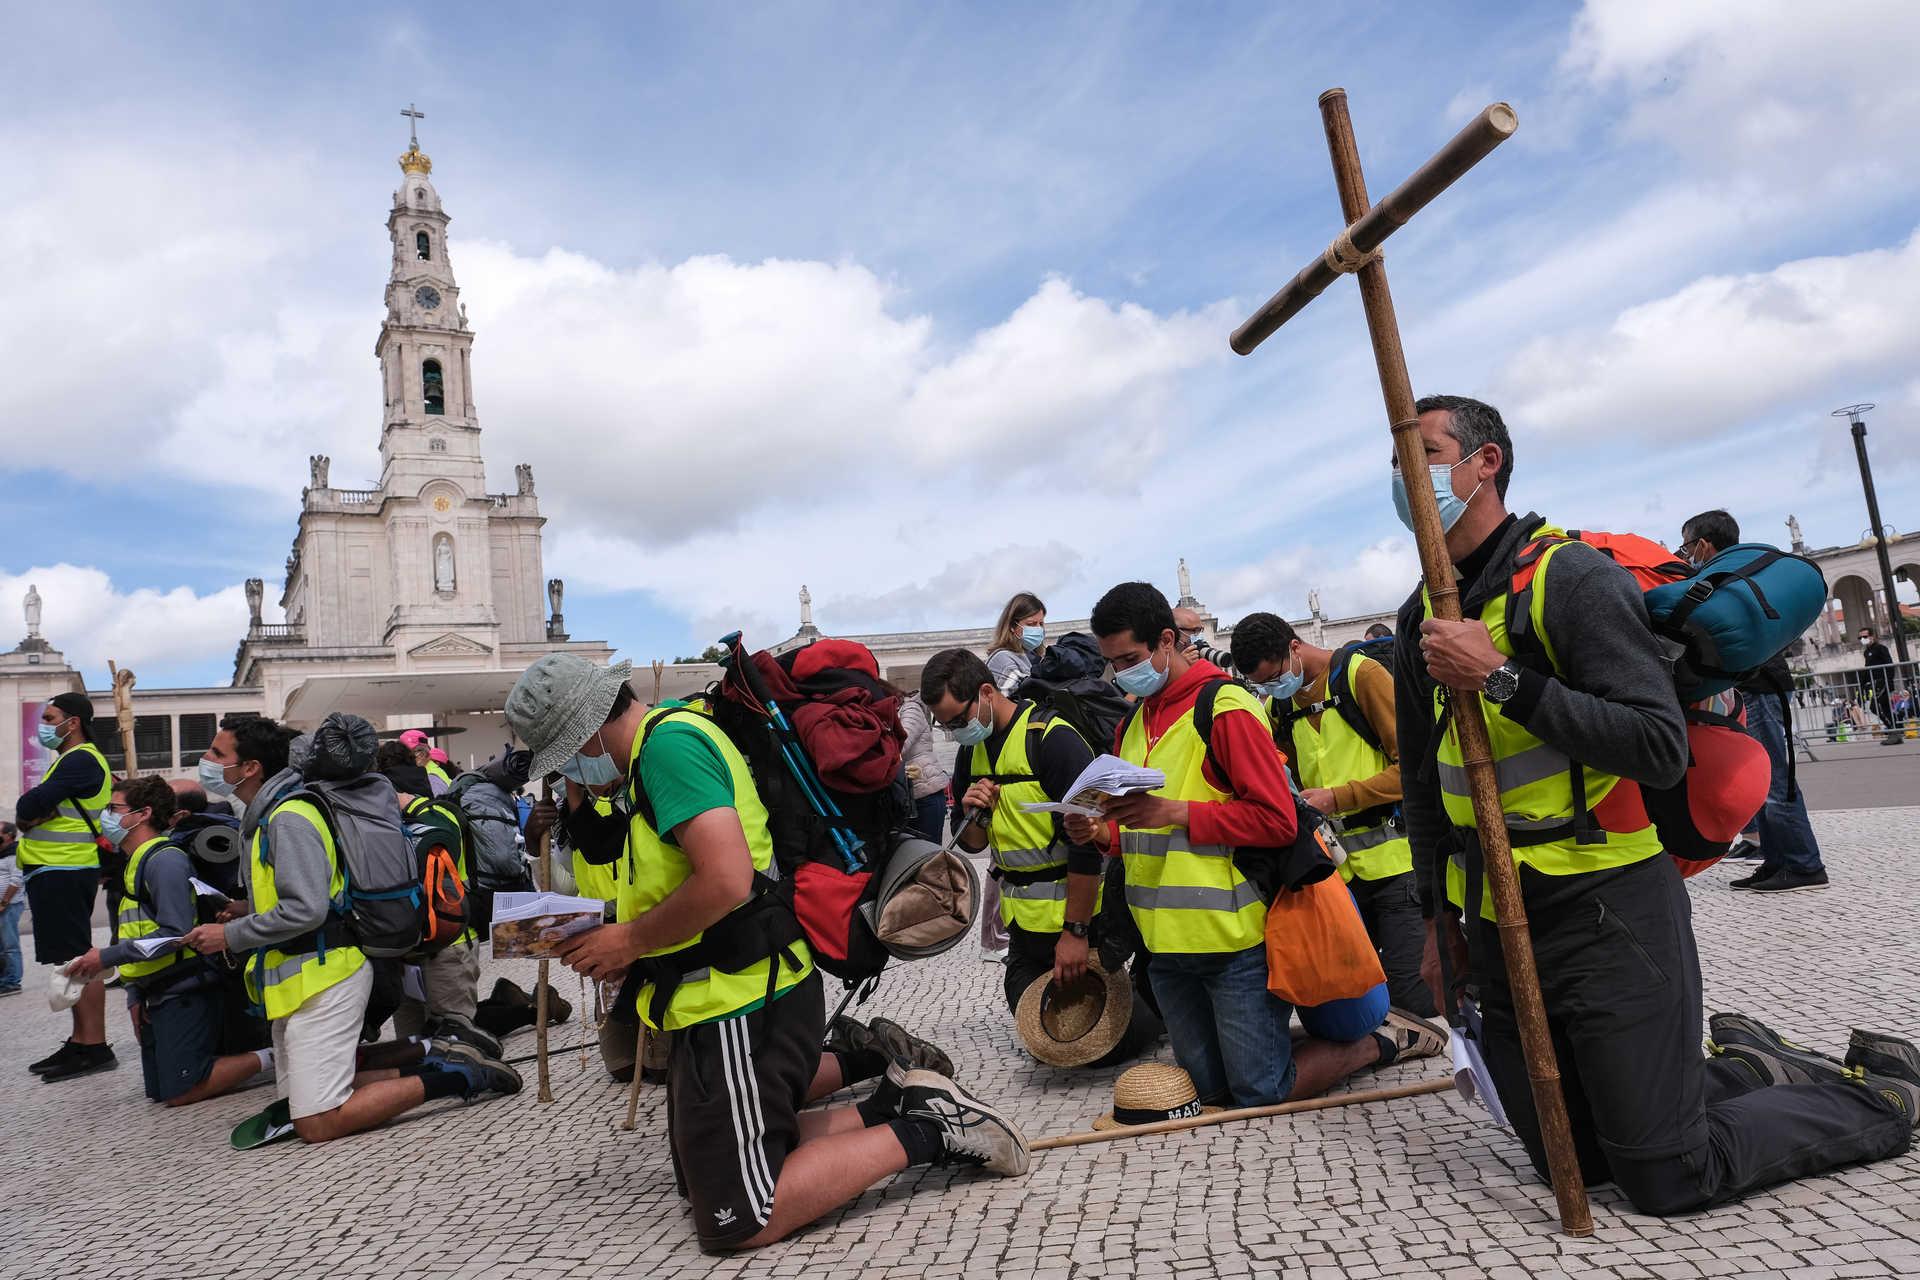 Esgotada lotação de 7500 peregrinos no Santuário de Fátima